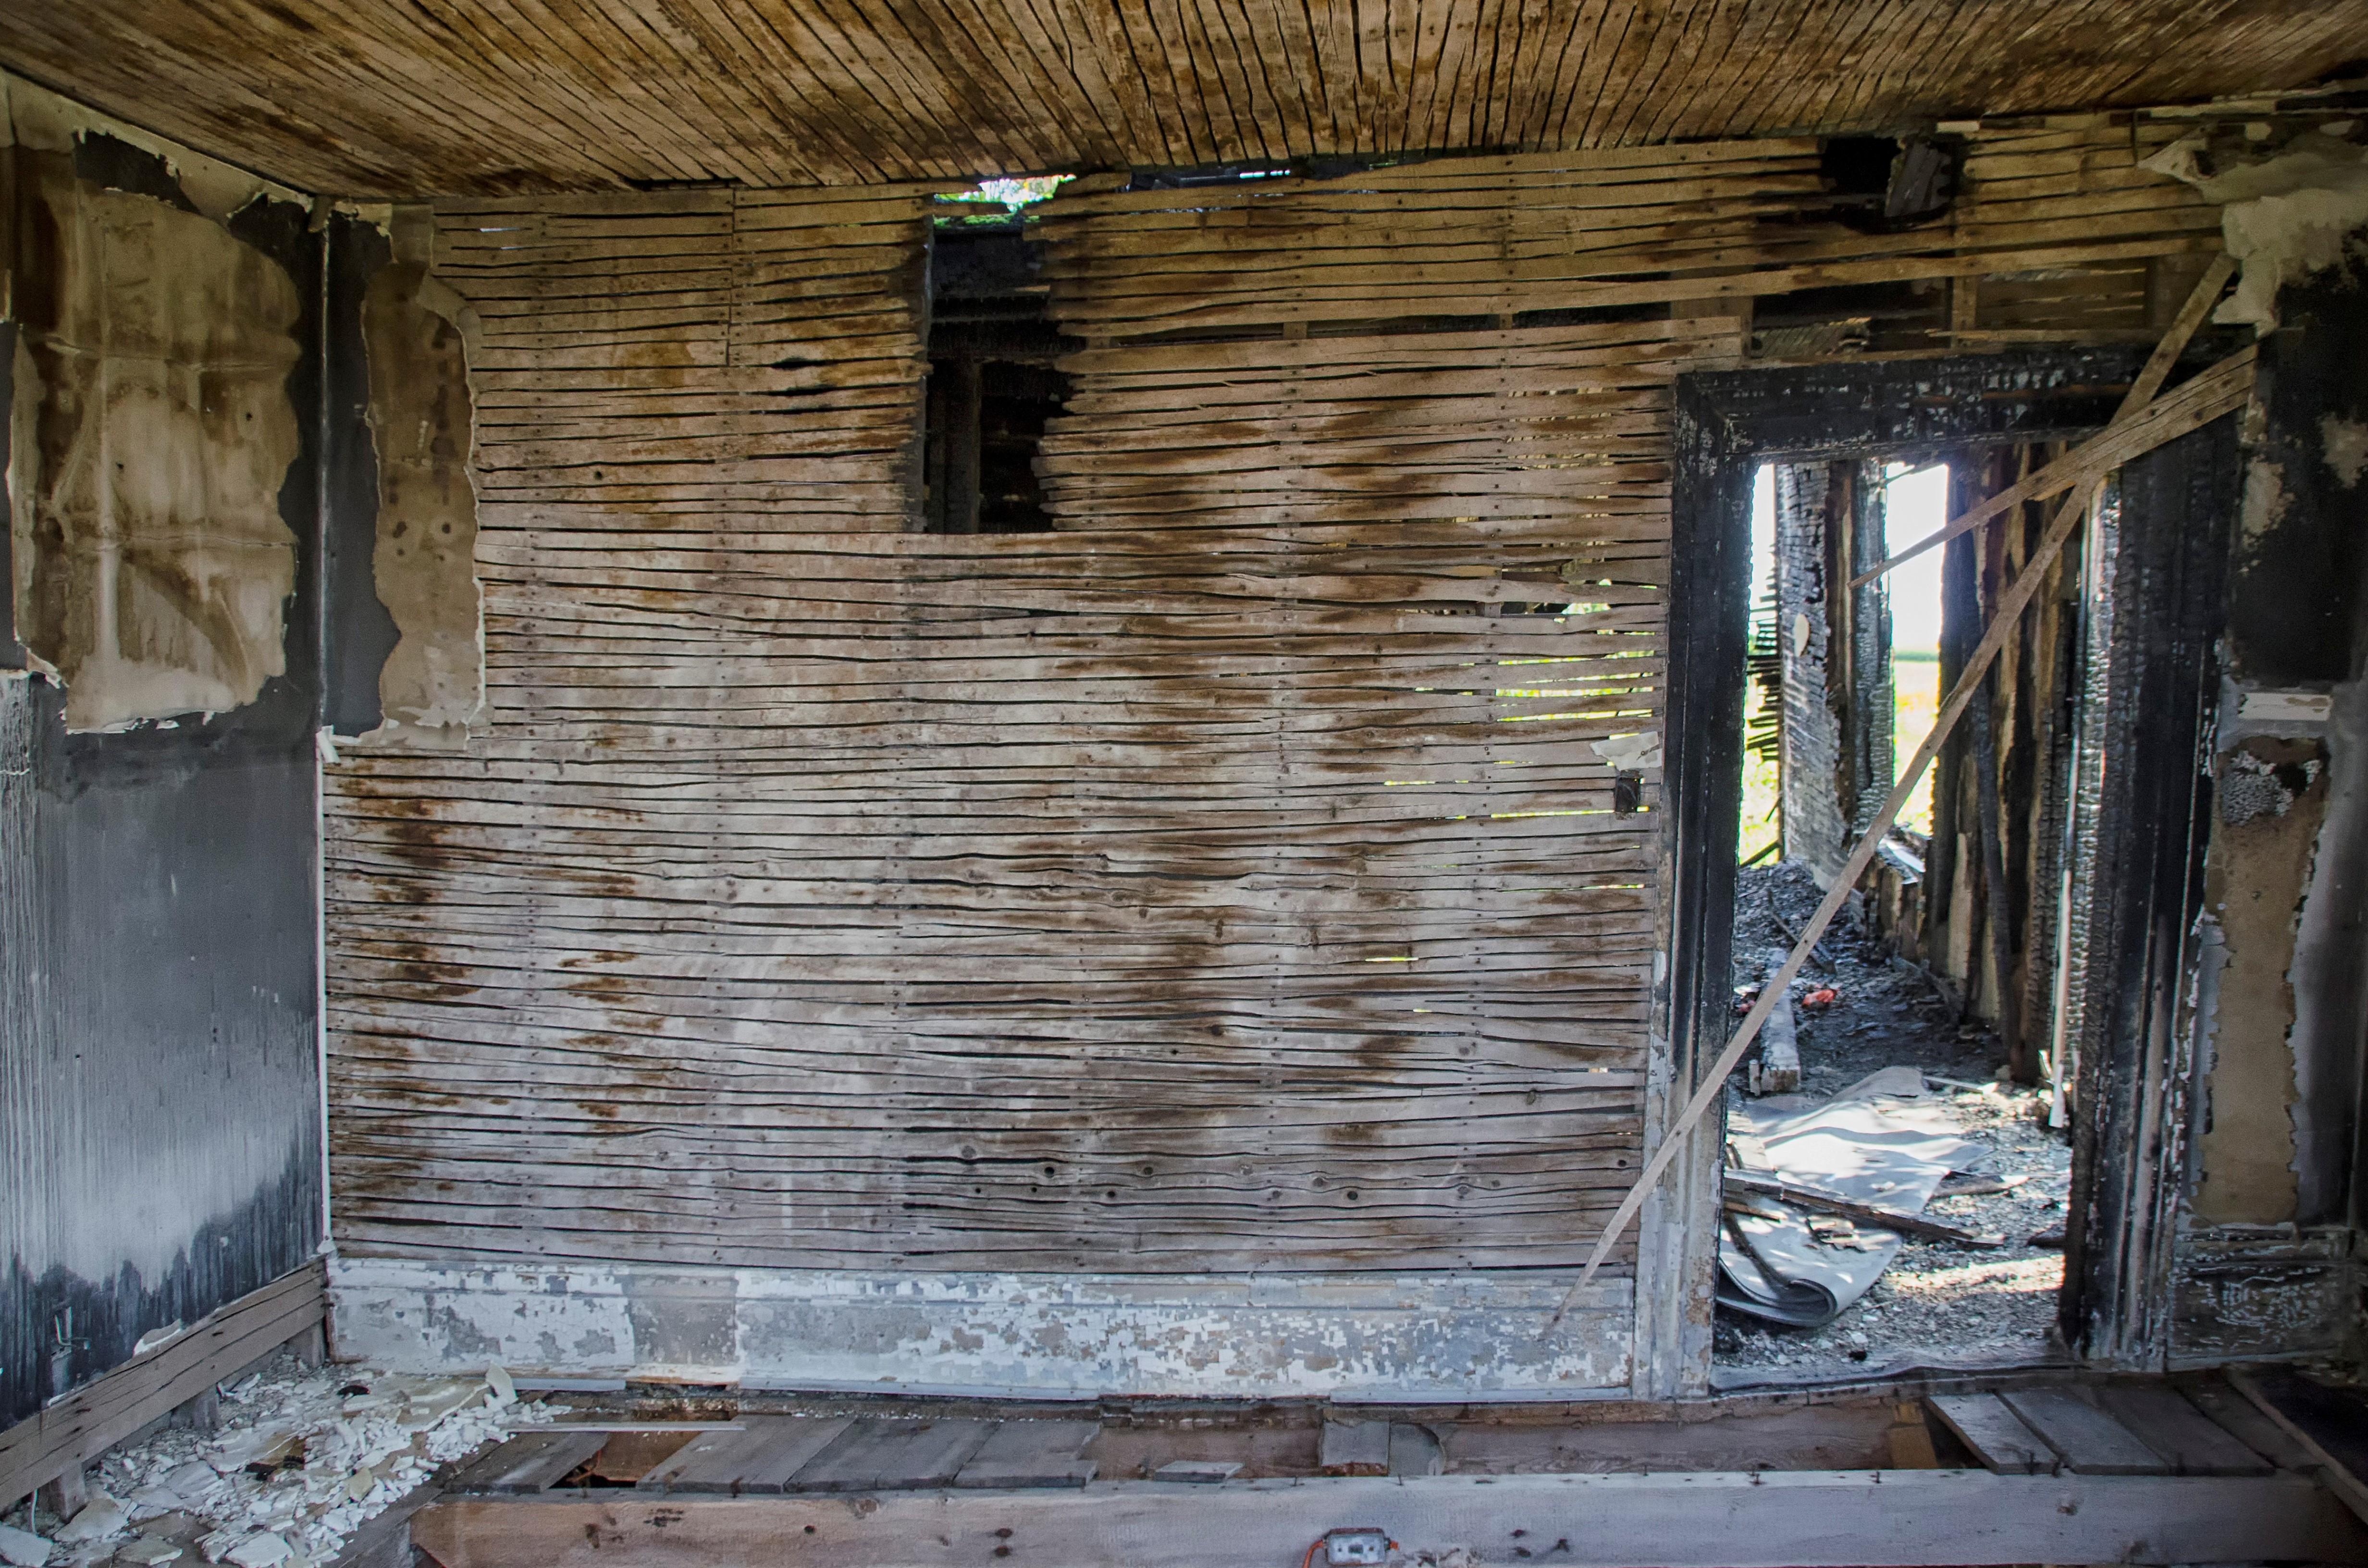 Images Gratuites : la nature, bois, maison, bâtiment, Grange, mur ...